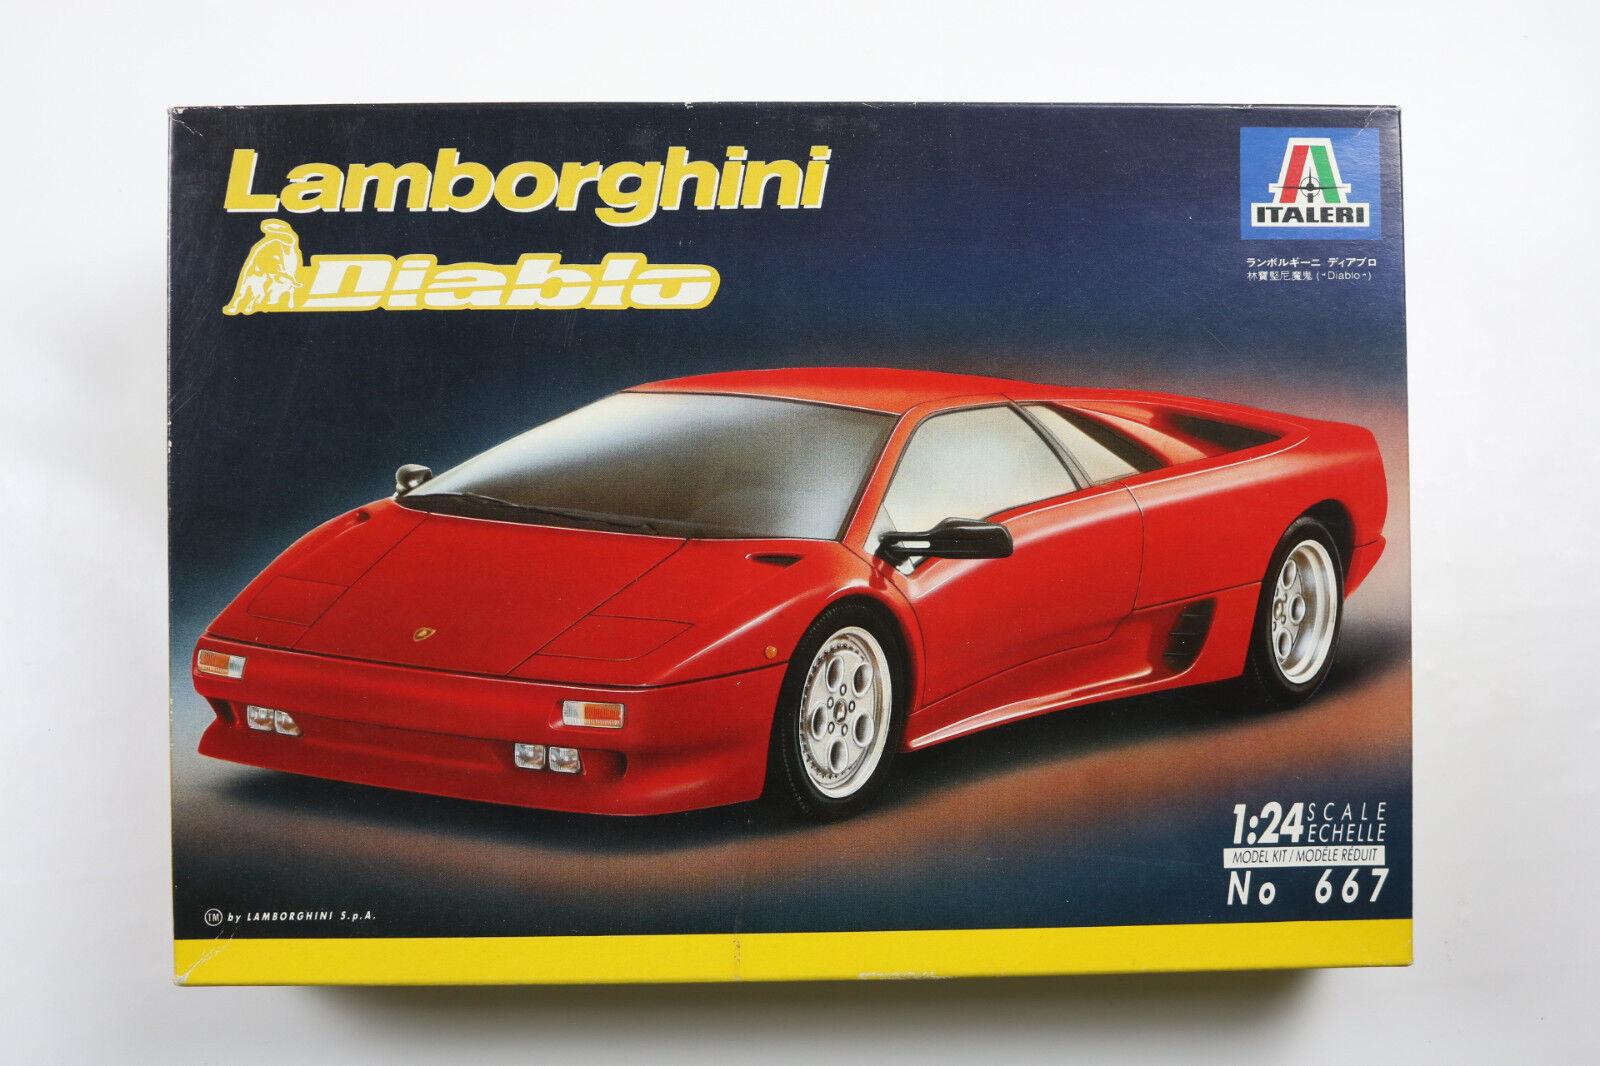 ITALERI LAMBORGHINI DIABLO ROSSA 1990 1 24 AUTO CAR PLASTIC KIT VINTAGE